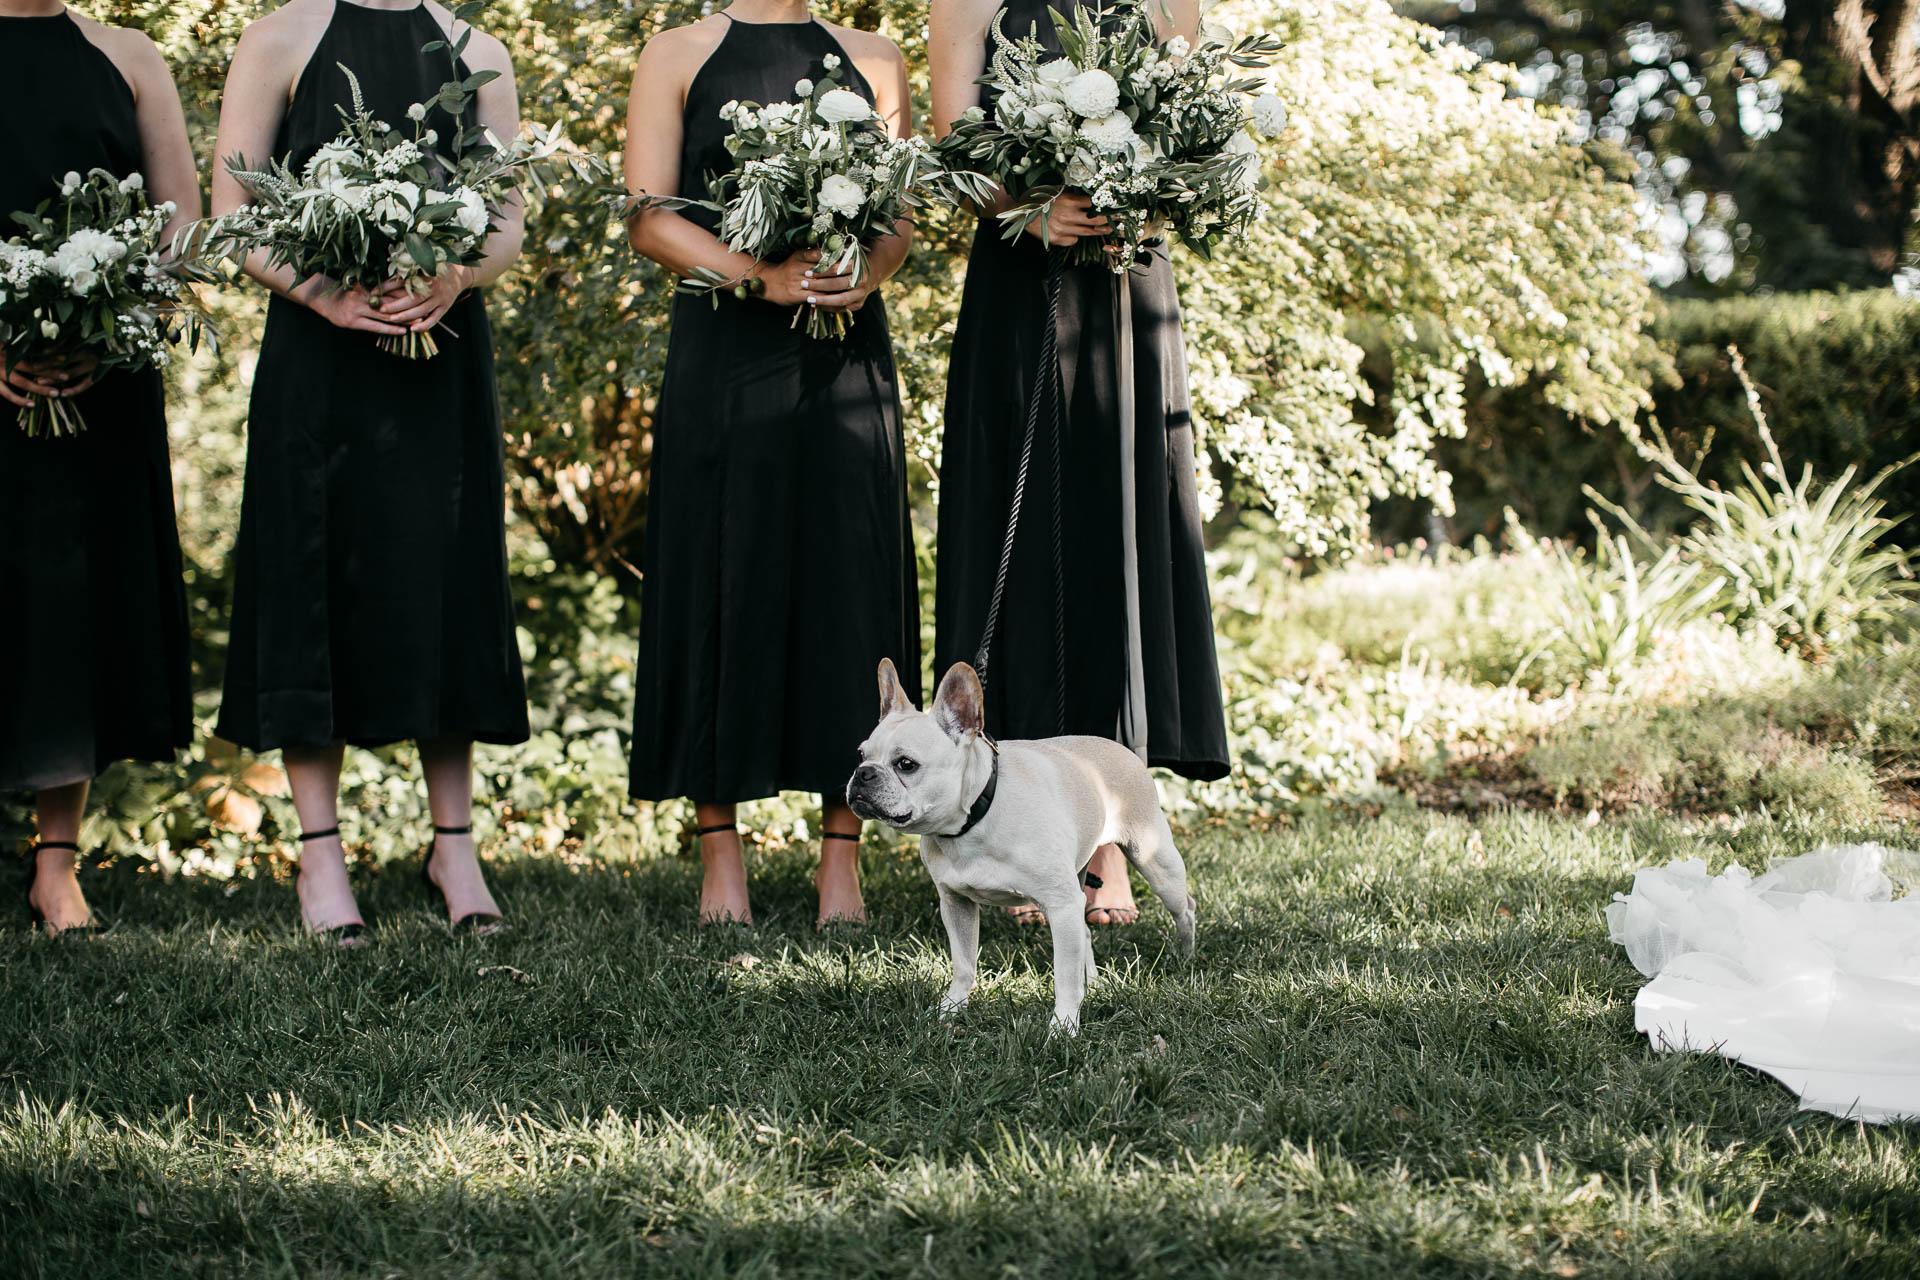 lauren_graham_wedding_california_park_winters_jeanlaurentgaudy_049